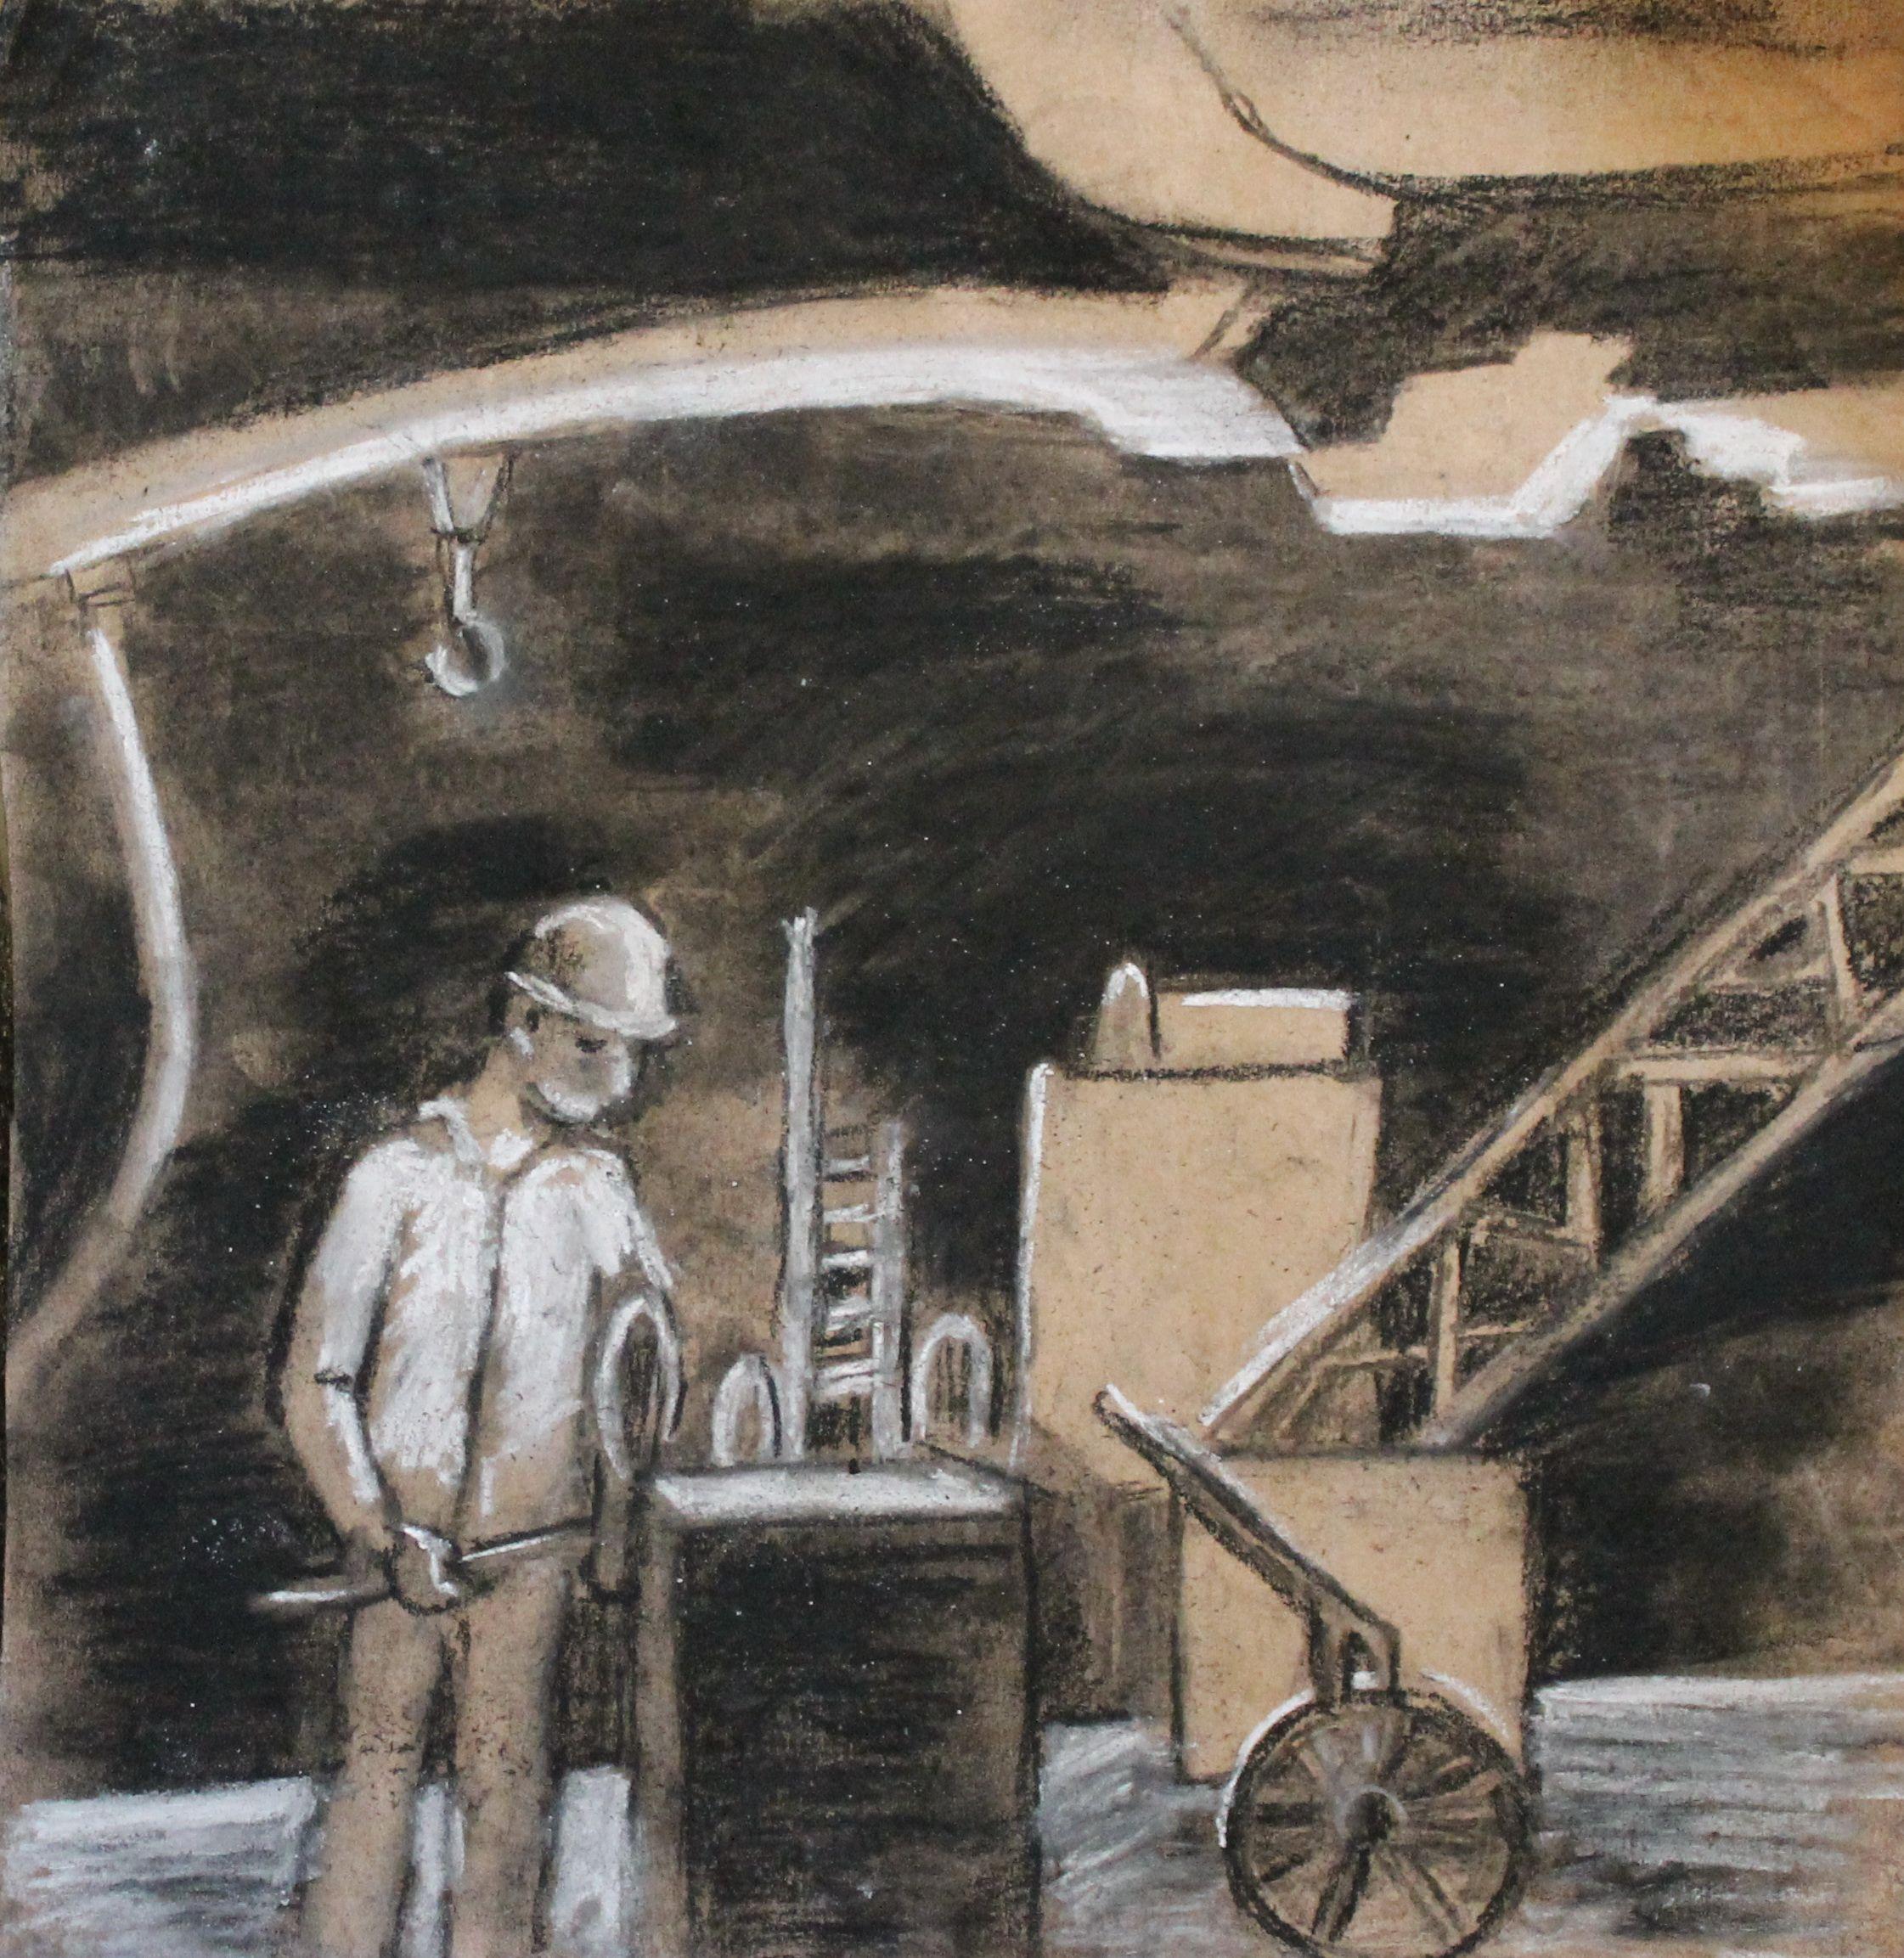 Березина Мария. 10 лет. Индустриальная тема. «Судостроительно- судоремонтный завод», соус, пастель